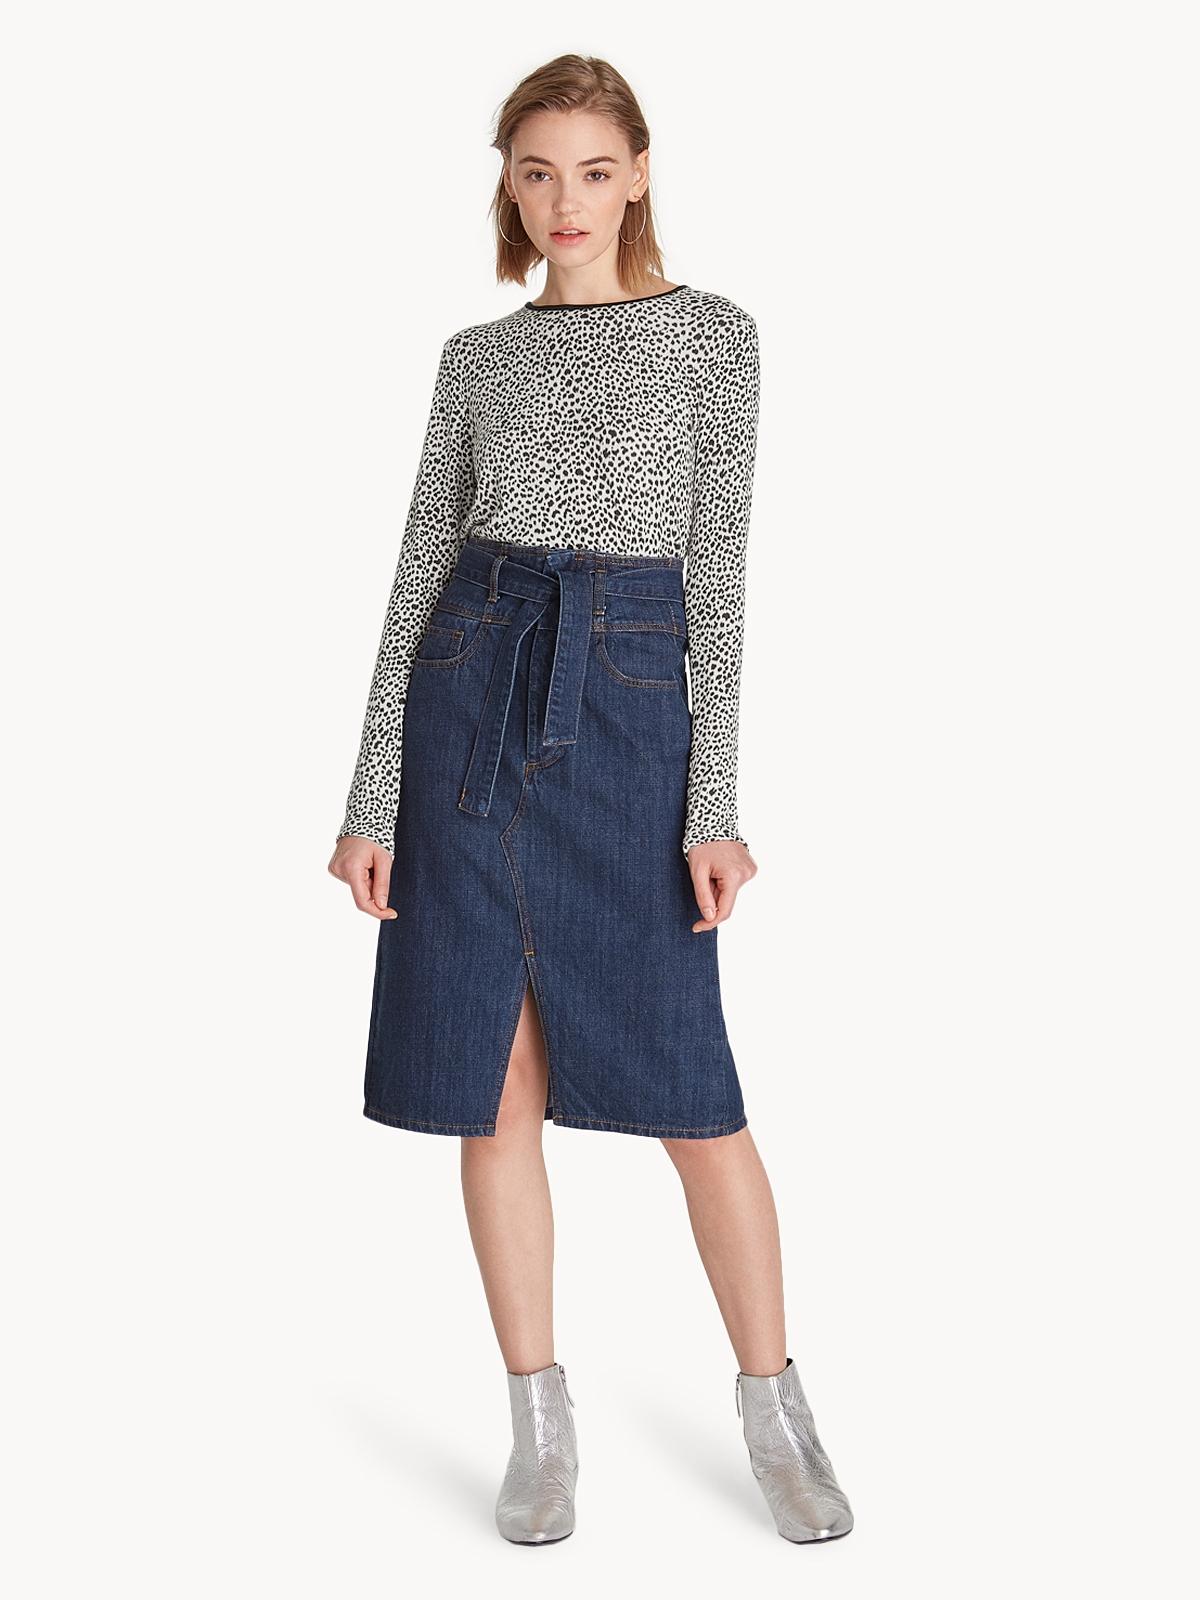 a92683fe52 Midi Front Slit Denim Skirt - Navy - Pomelo Fashion